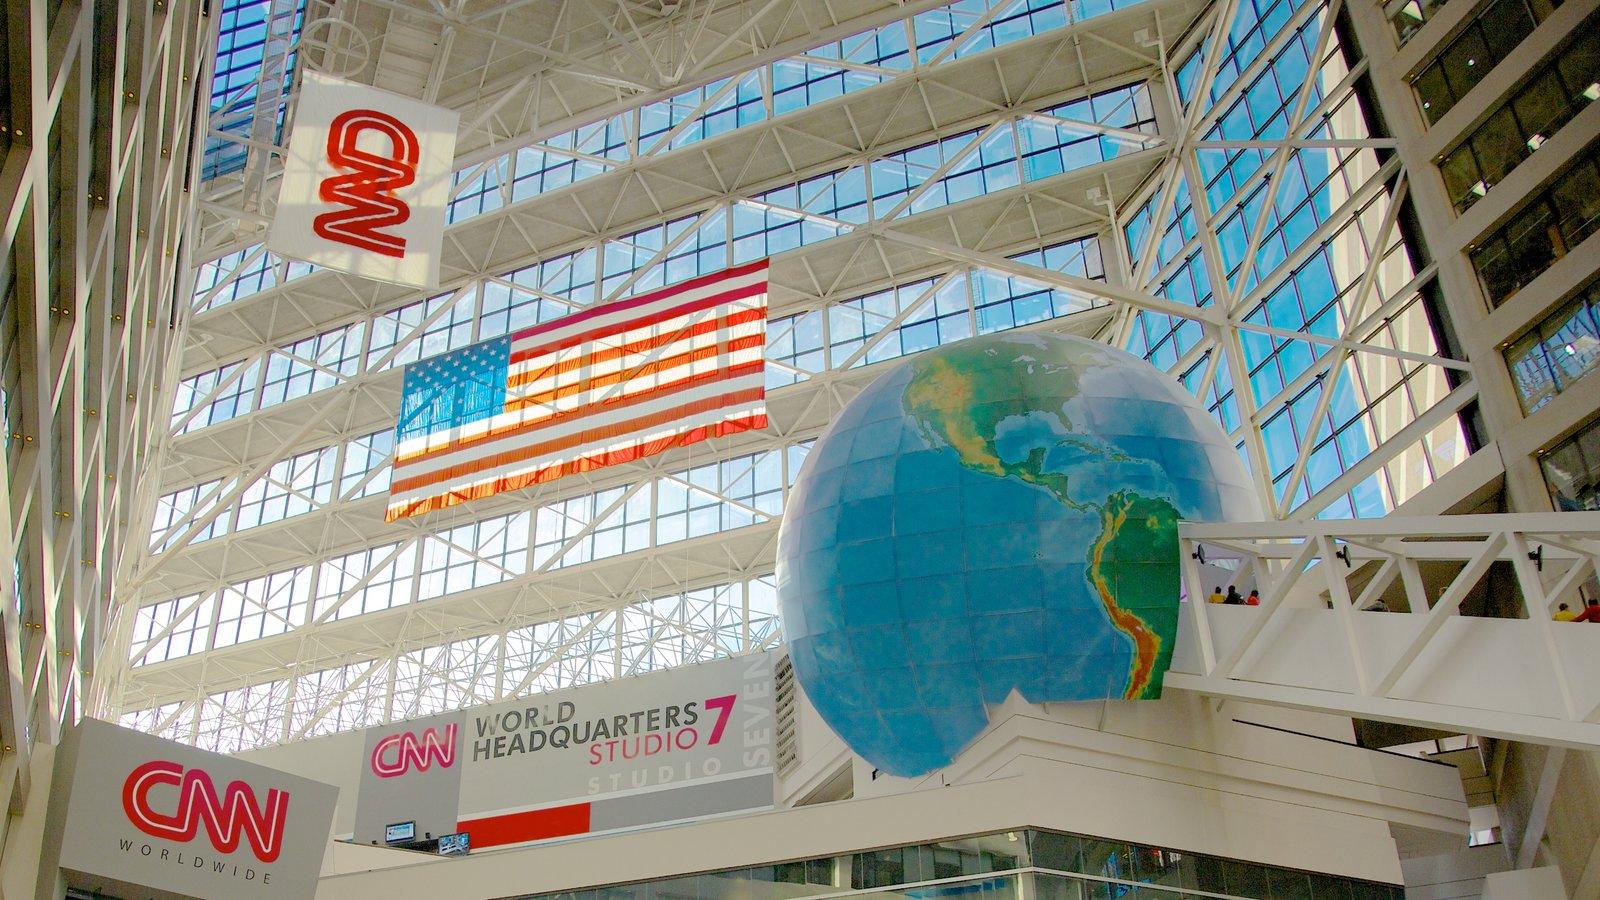 Geórgia mostrando distrito comercial central, sinalização e arquitetura moderna